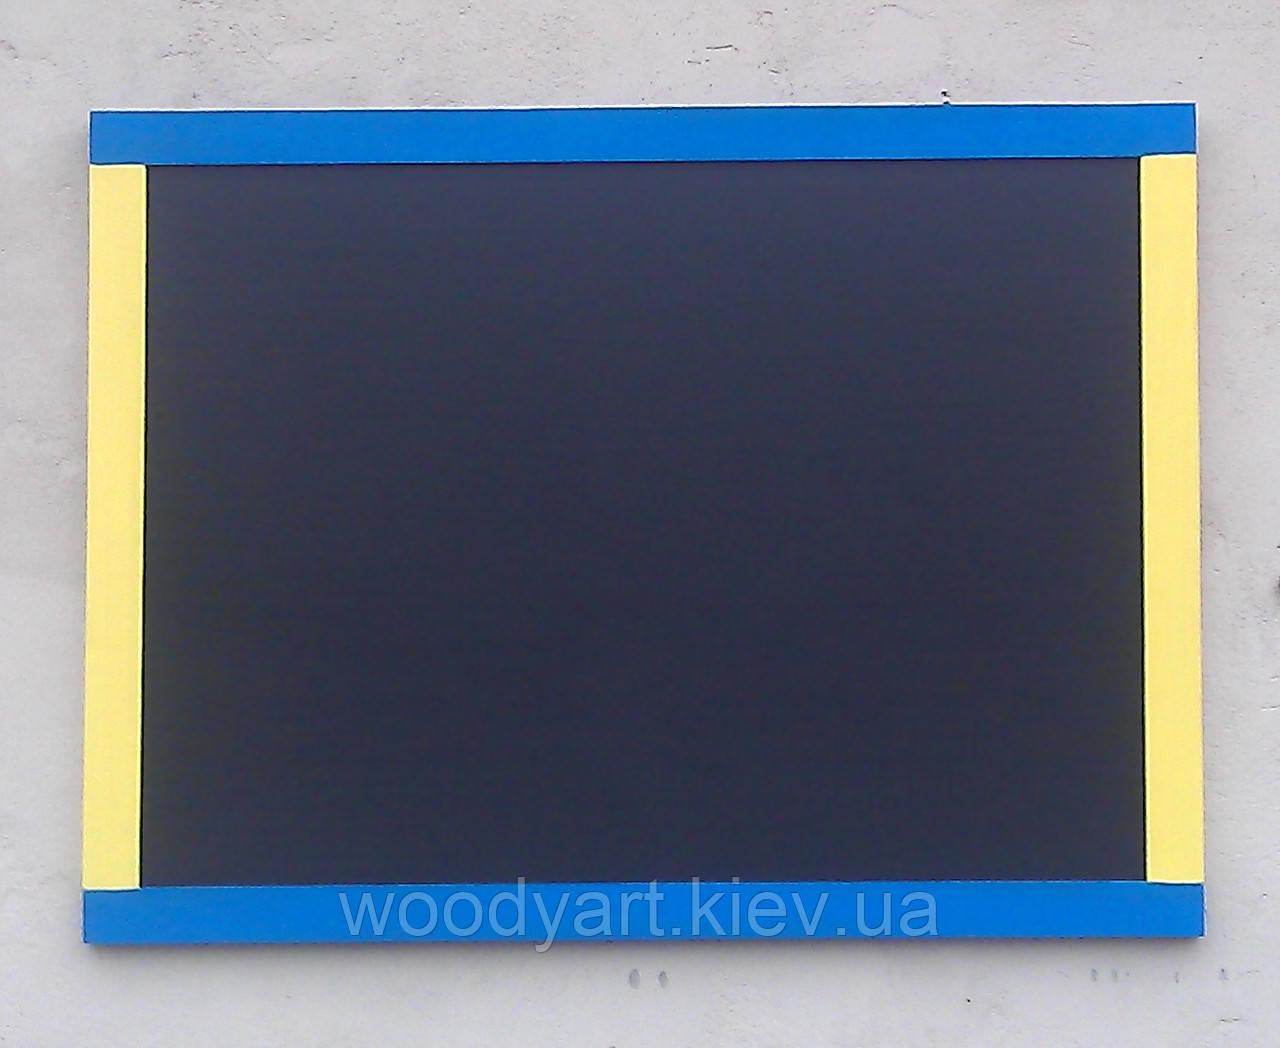 """Меловая доска """"Украина"""" 80 * 60 см, дошка крейдова жовто-блакитна"""